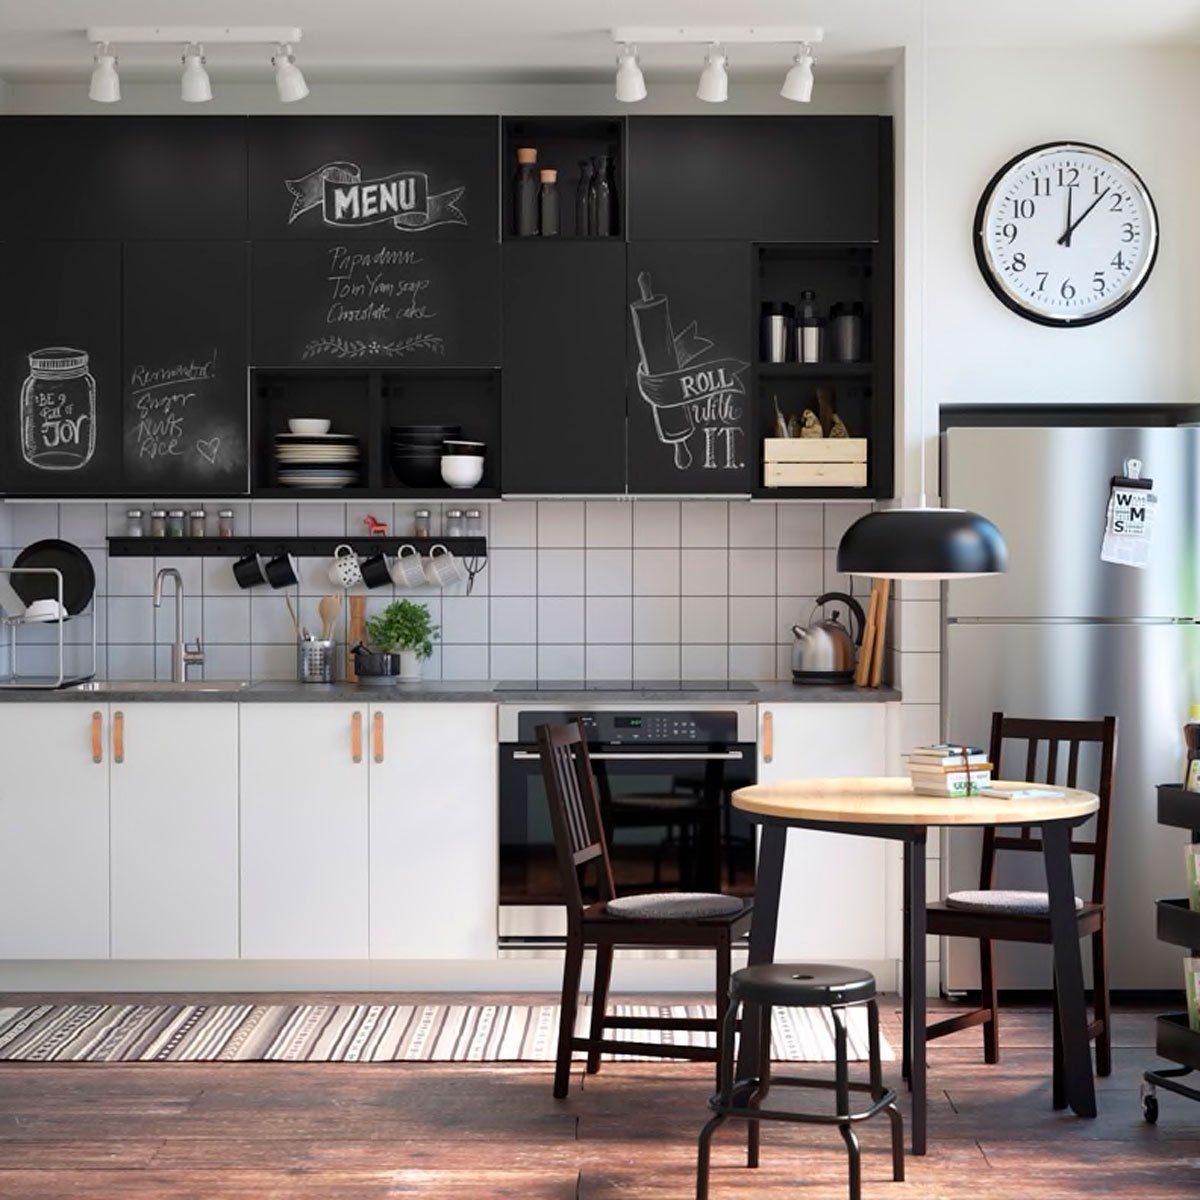 10 White Kitchen Ideas That are Still On Trend